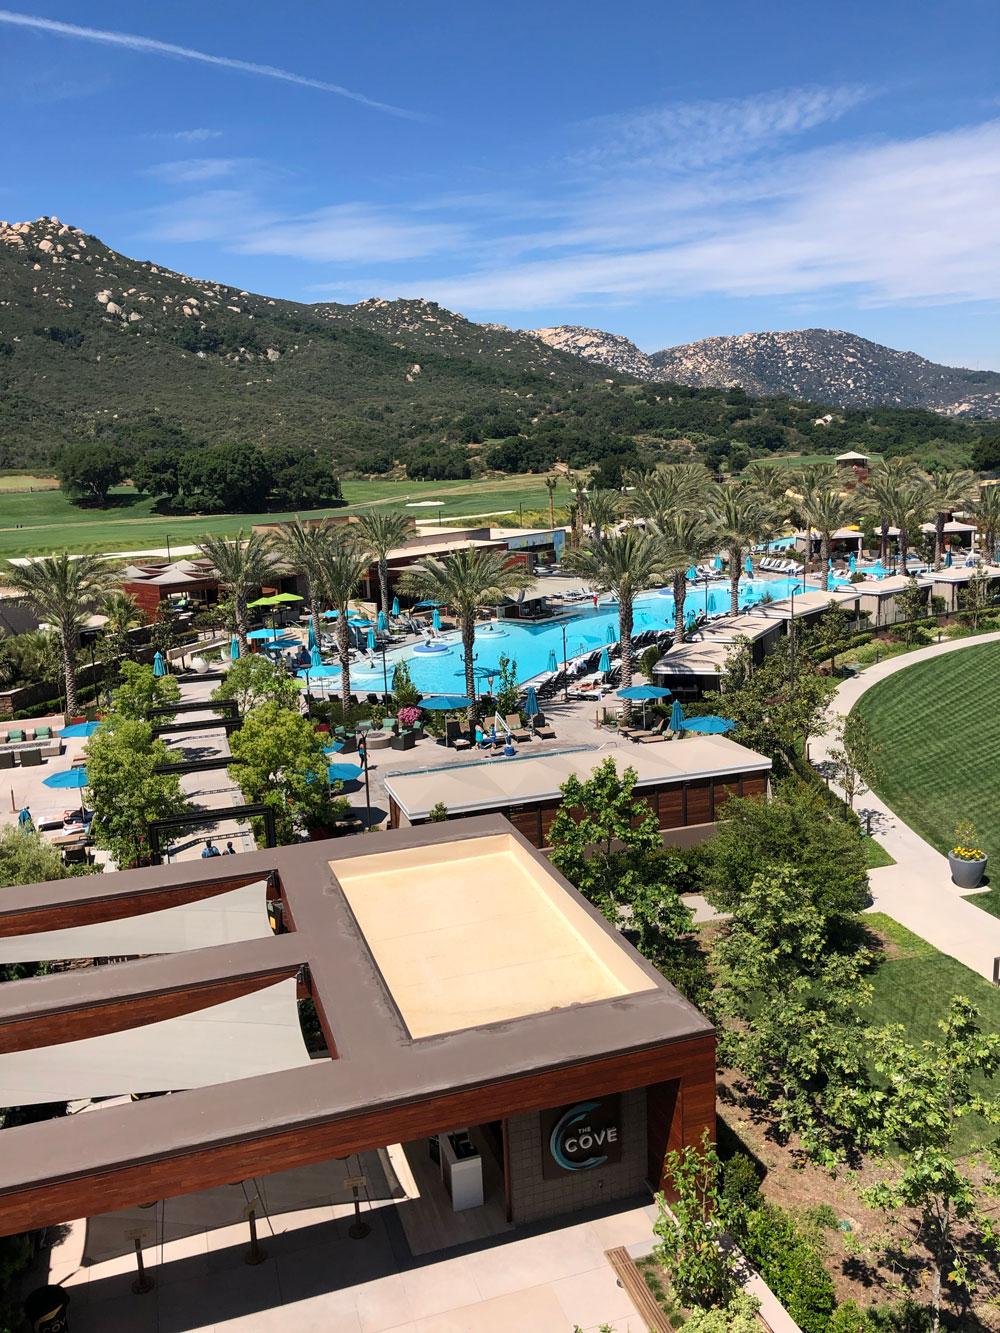 Pechanga Resort Casino The Cove Pools and Cabanas